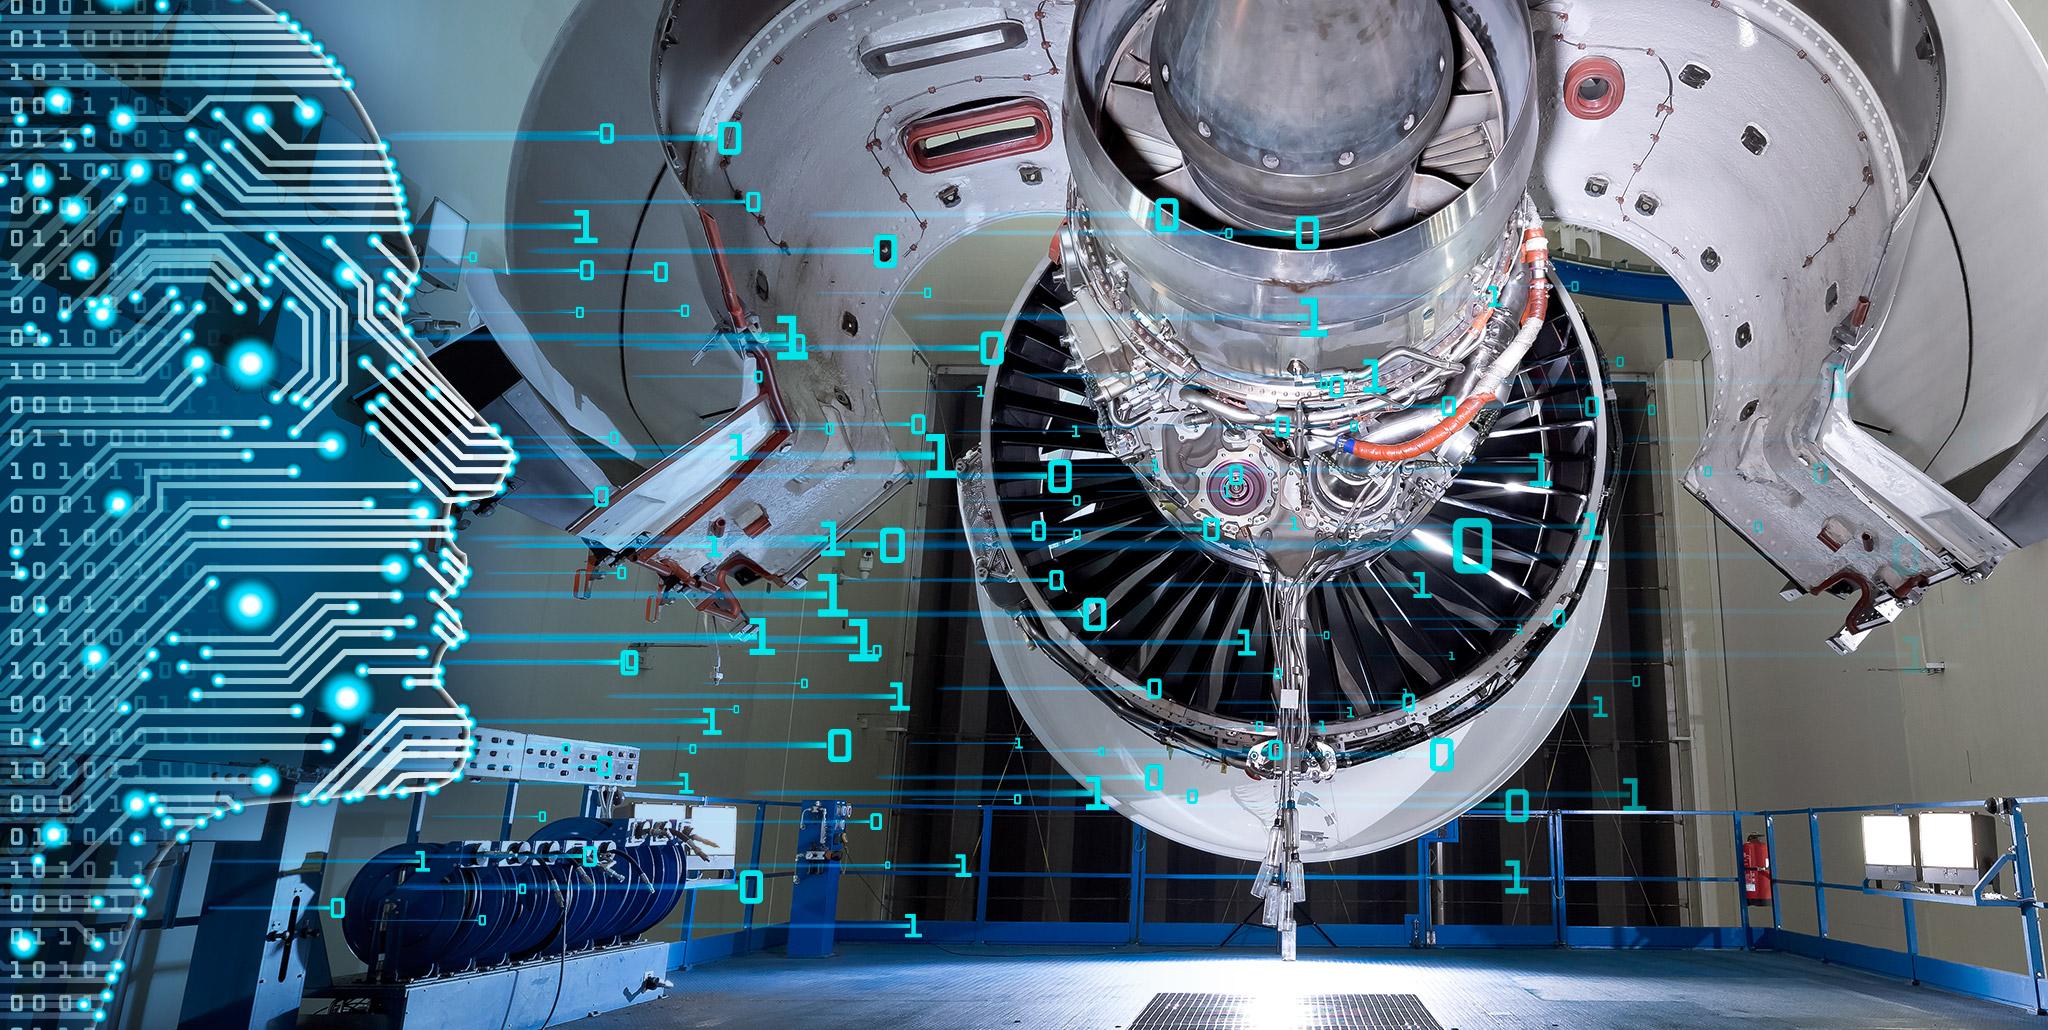 Neues Datenmanagement für Triebwerkstestdaten